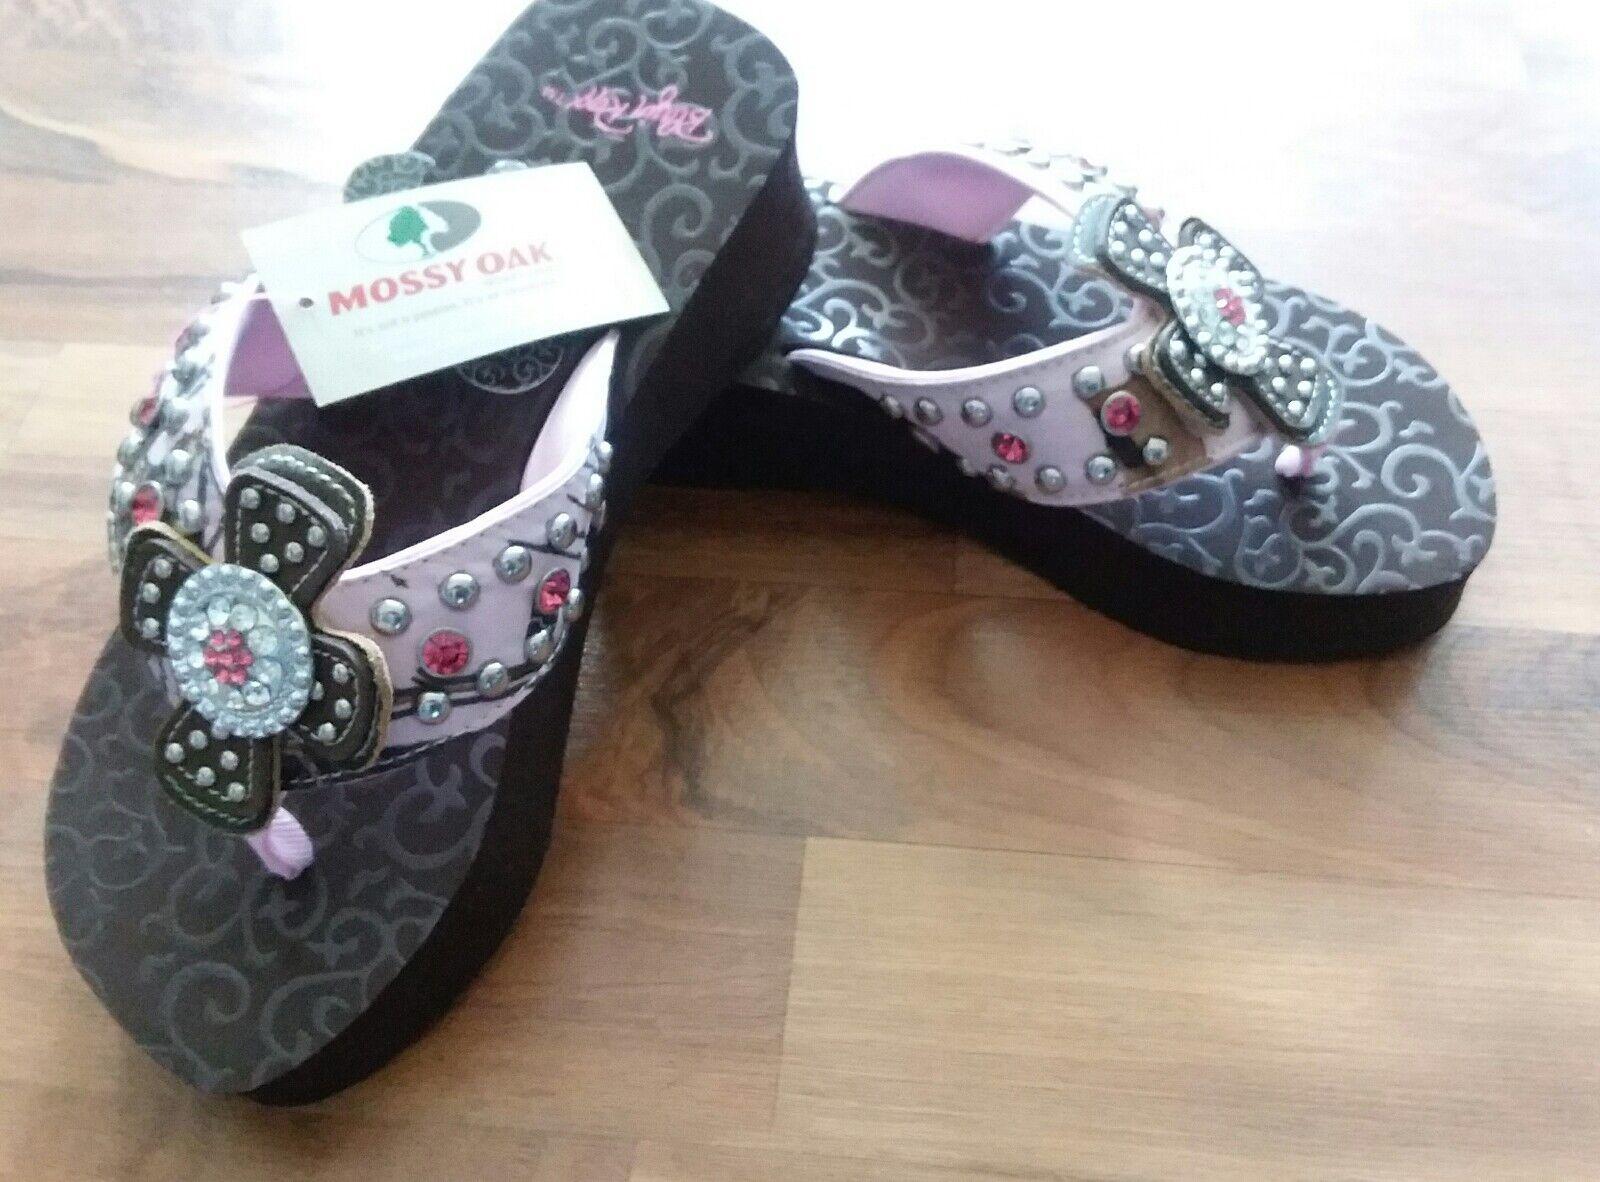 Blazin Roxx Women's size 9 pink Camo Mossy Oak Flip Flops - 4117030